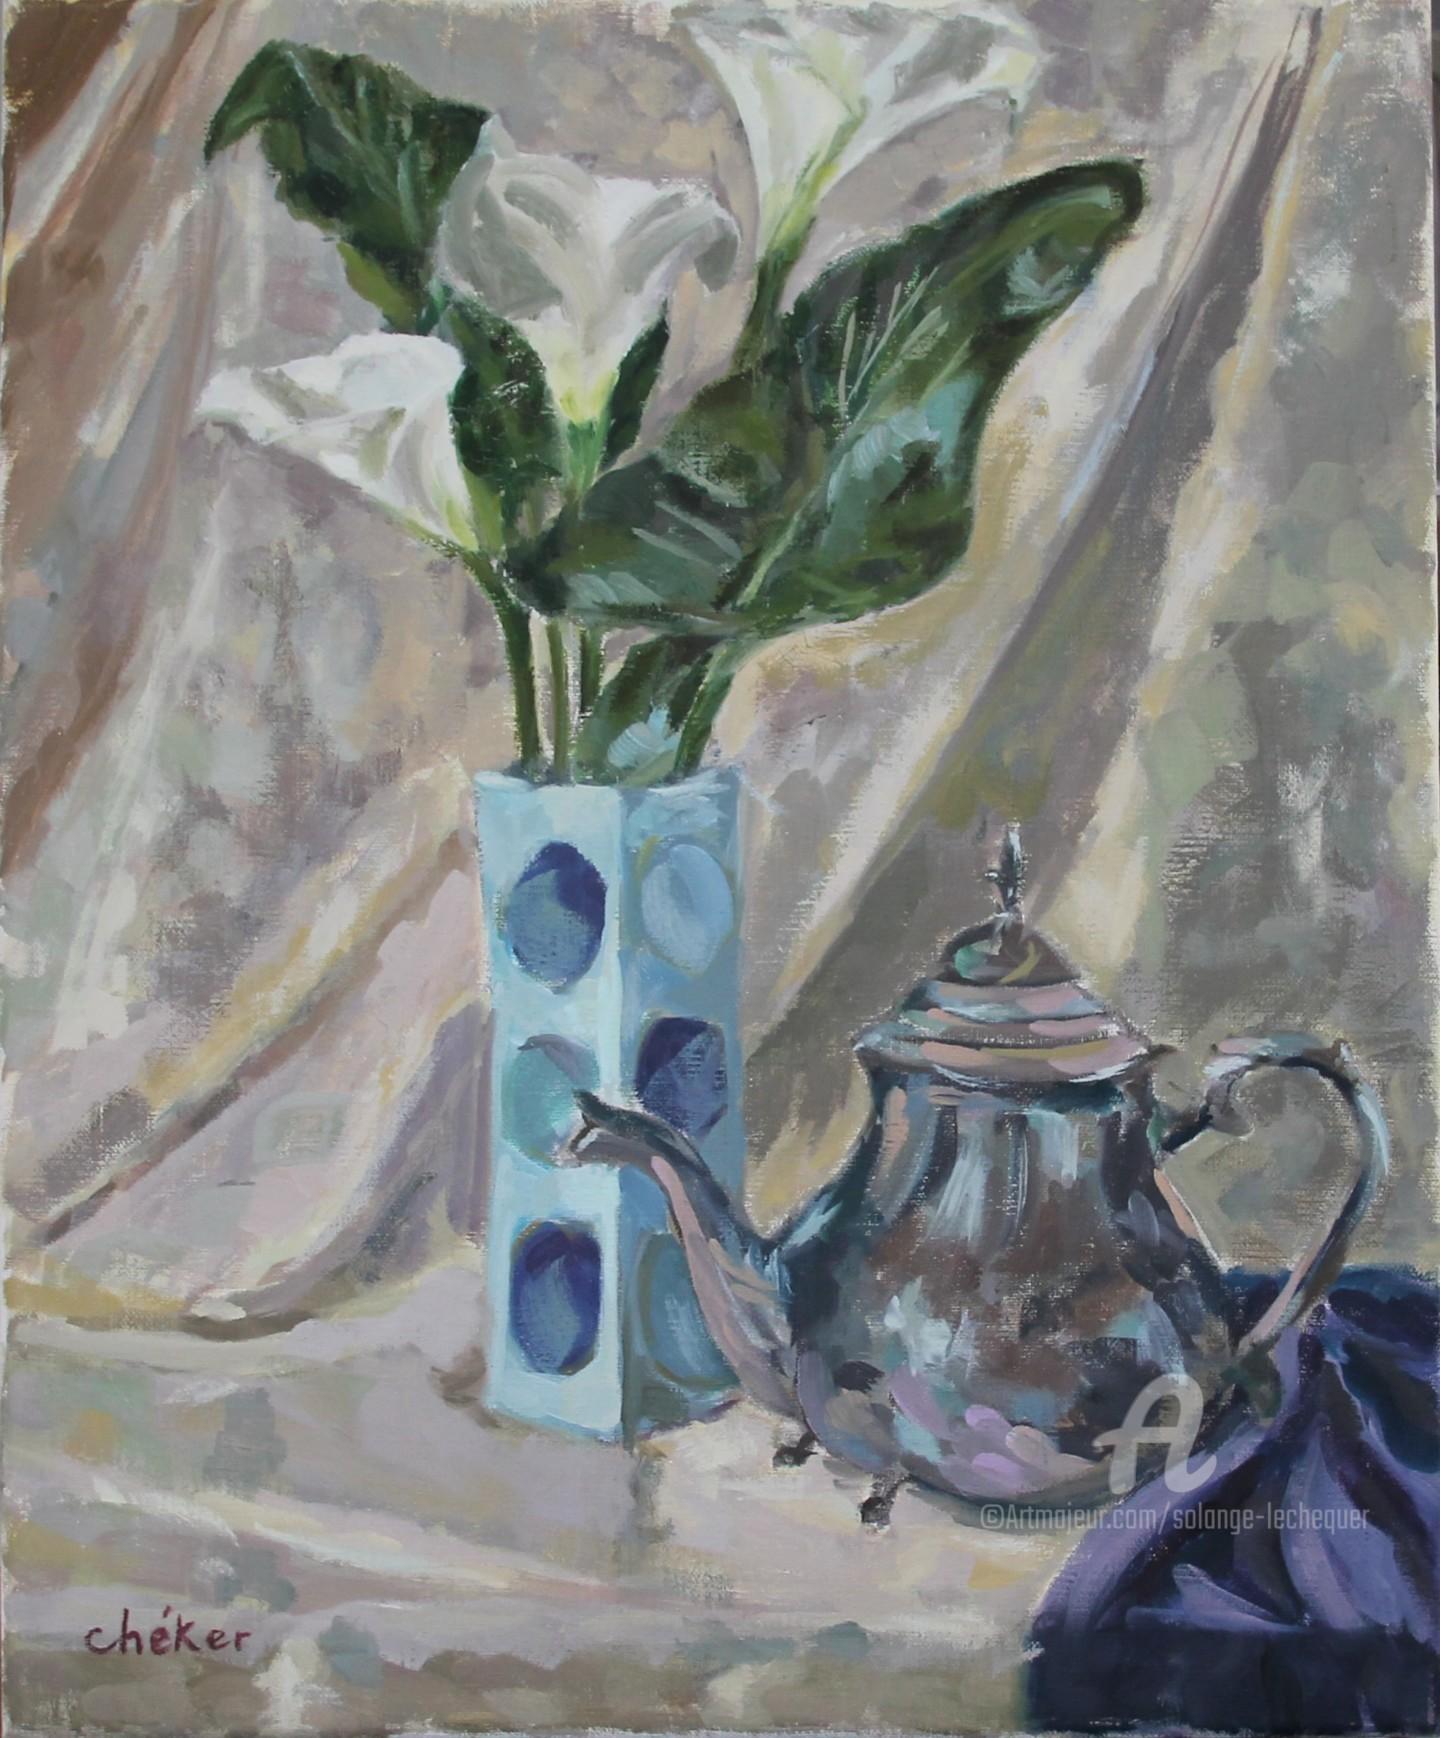 CHéKER - Vase bleu fleurs arums et théière argent